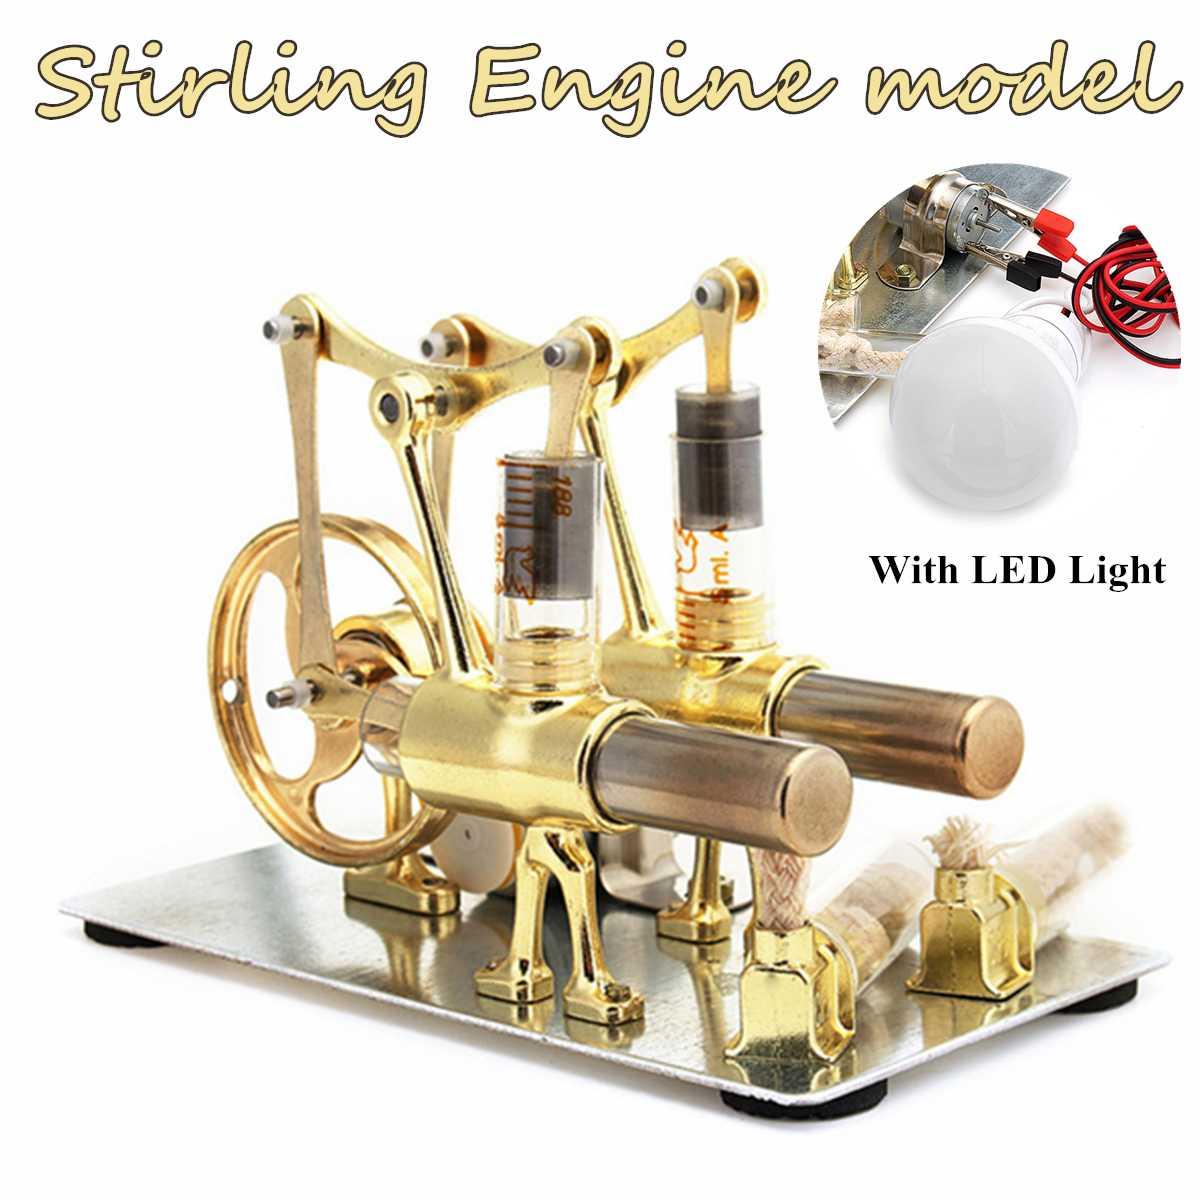 Mini moteur Stirling chaleur vapeur éducation Double cylindre moteur modèle scientifique puissance génération jouet expérimental